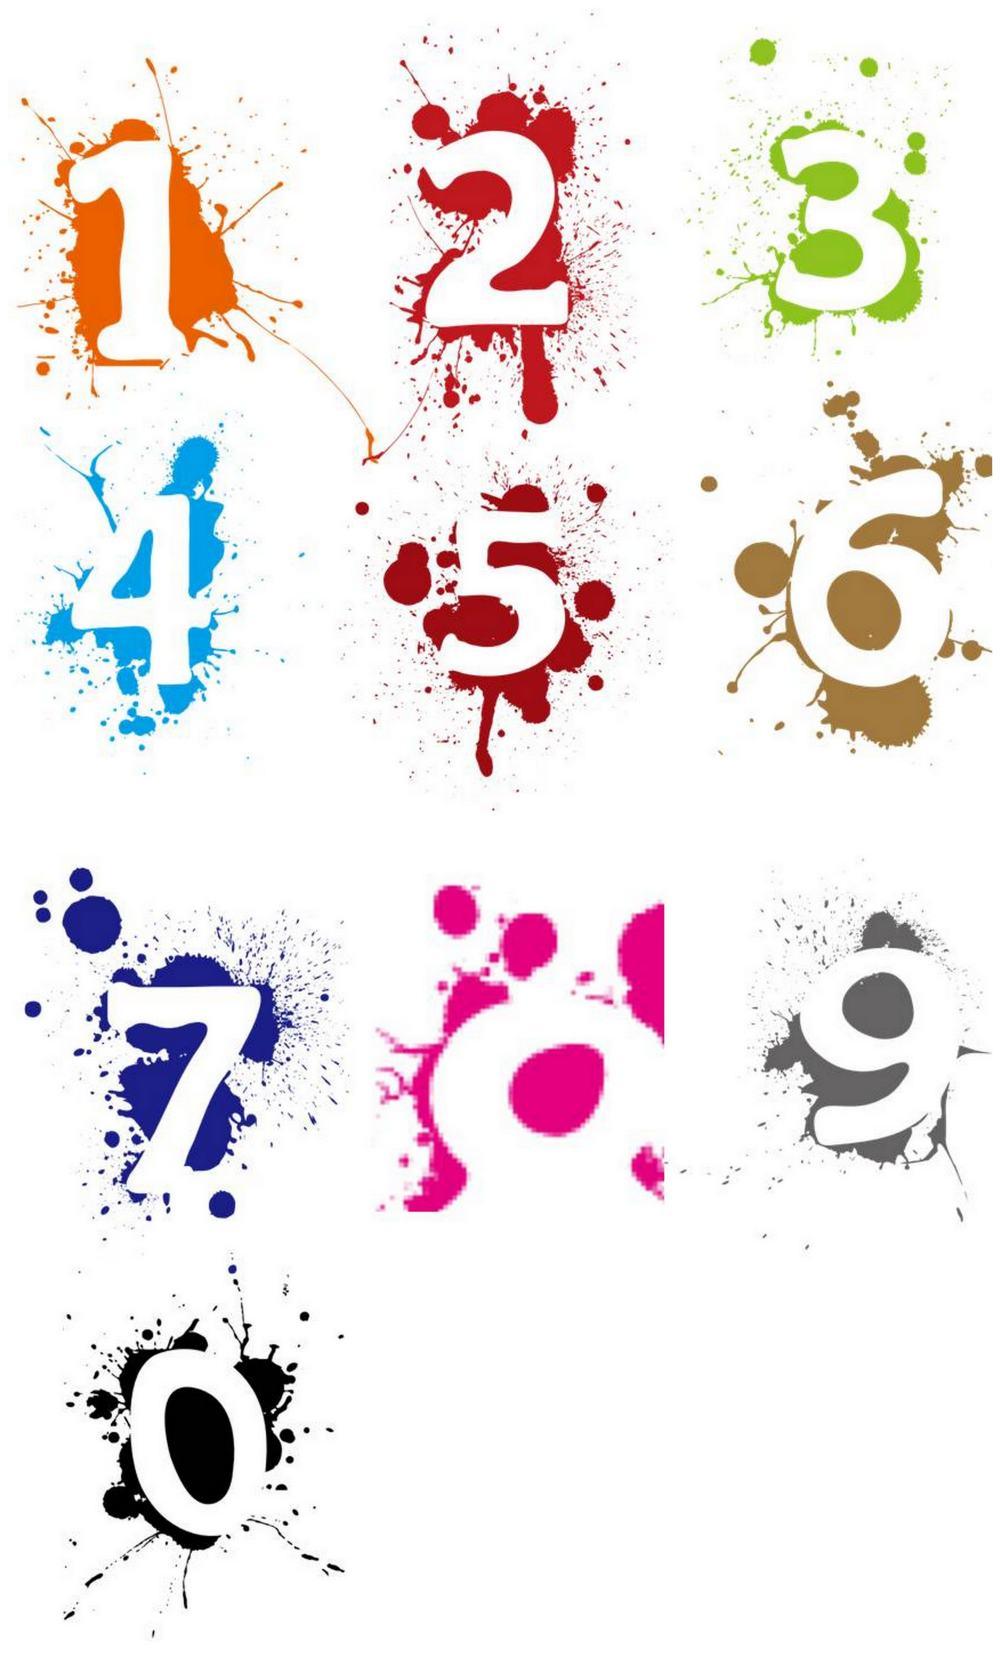 彩色水墨数字图标按钮ppt素材png格式